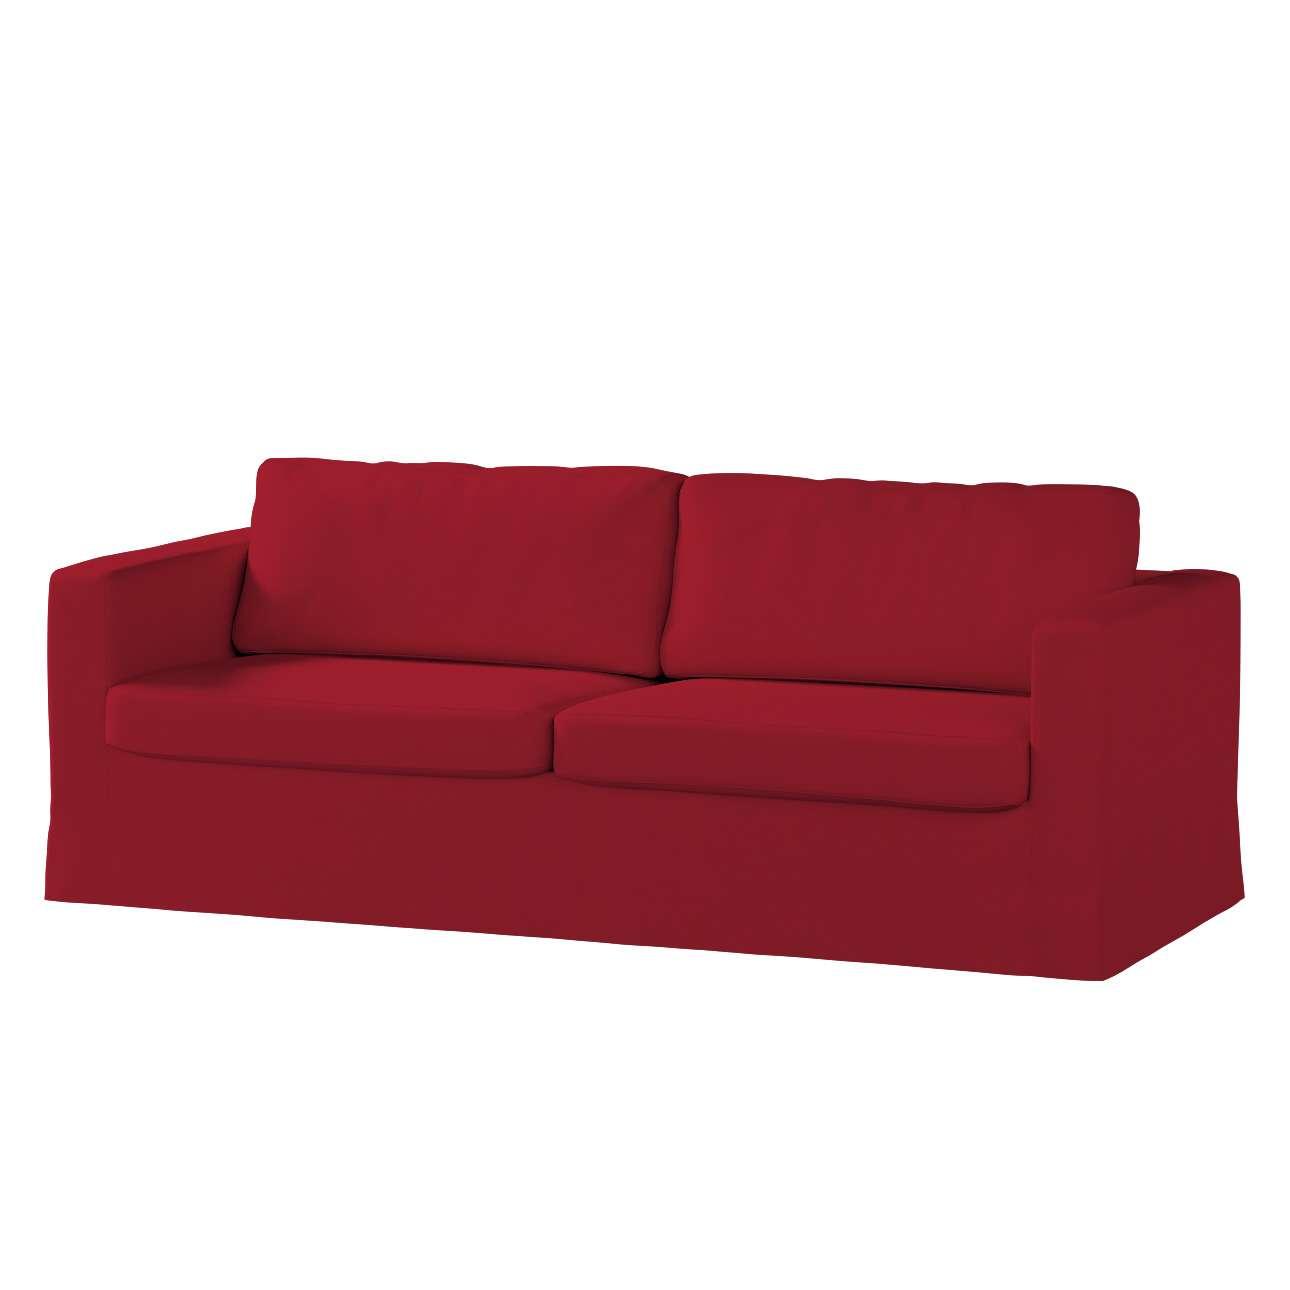 Pokrowiec na sofę Karlstad 3-osobową nierozkładaną, długi Sofa Karlstad 3-osobowa w kolekcji Chenille, tkanina: 702-24